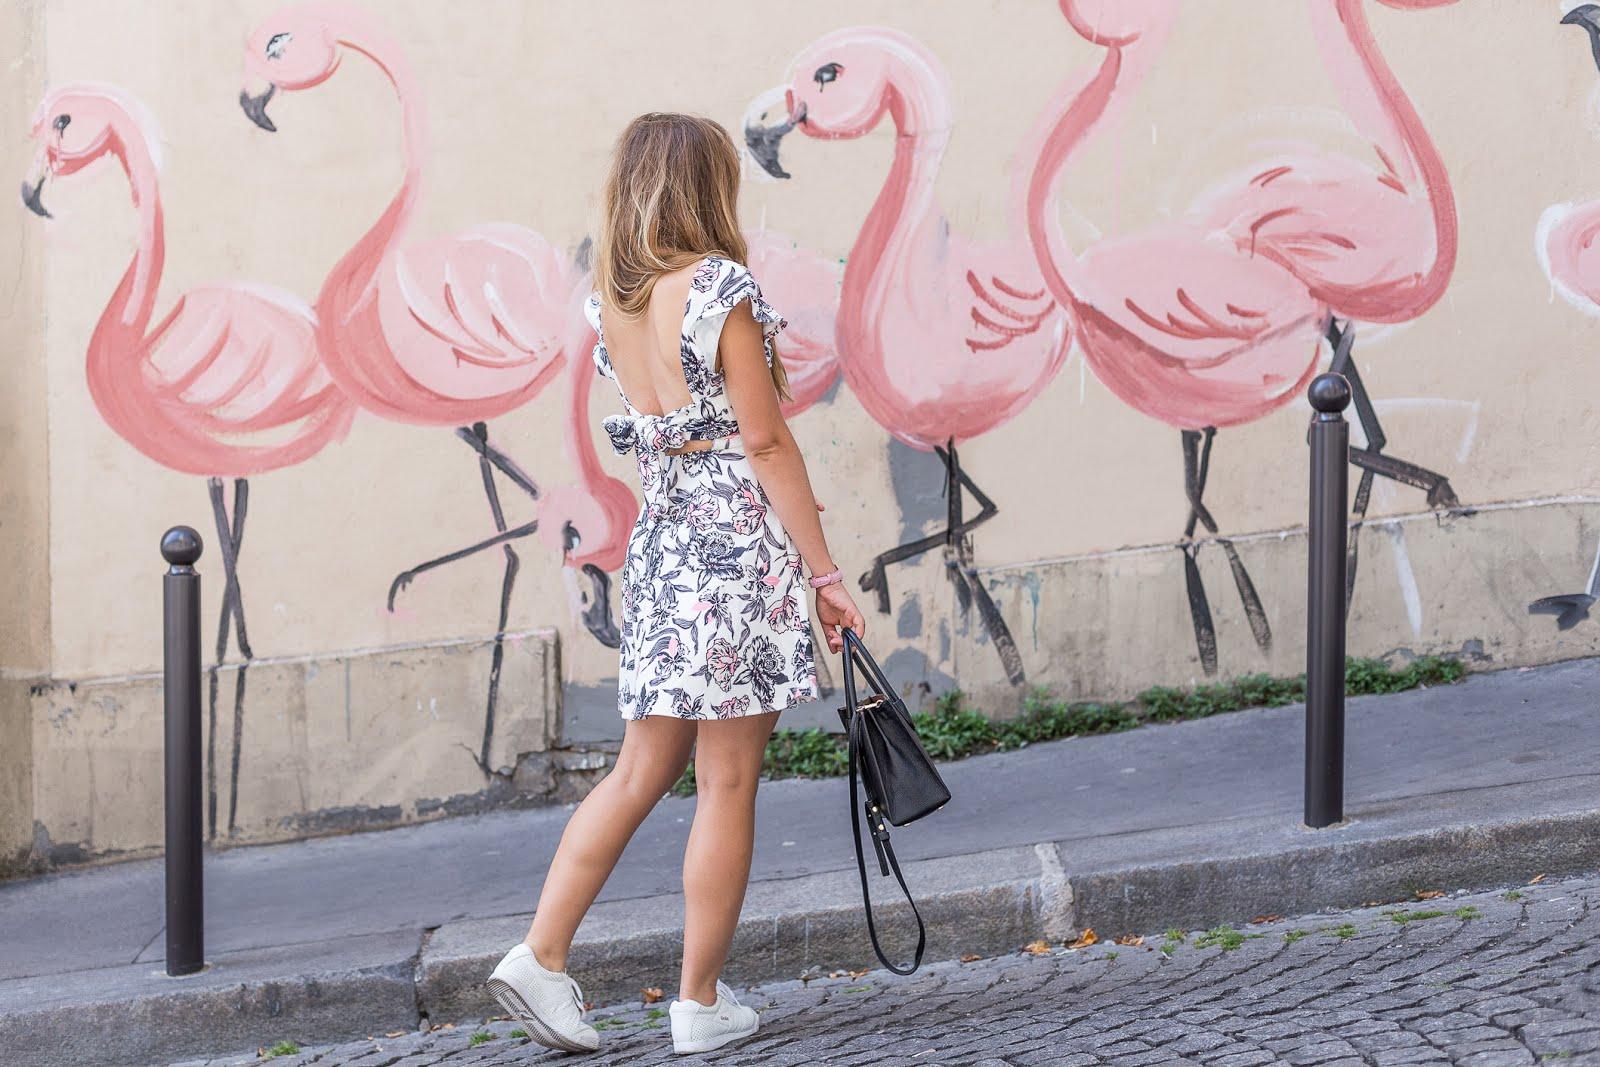 Montmartre rue en pente avec tag flamant rose